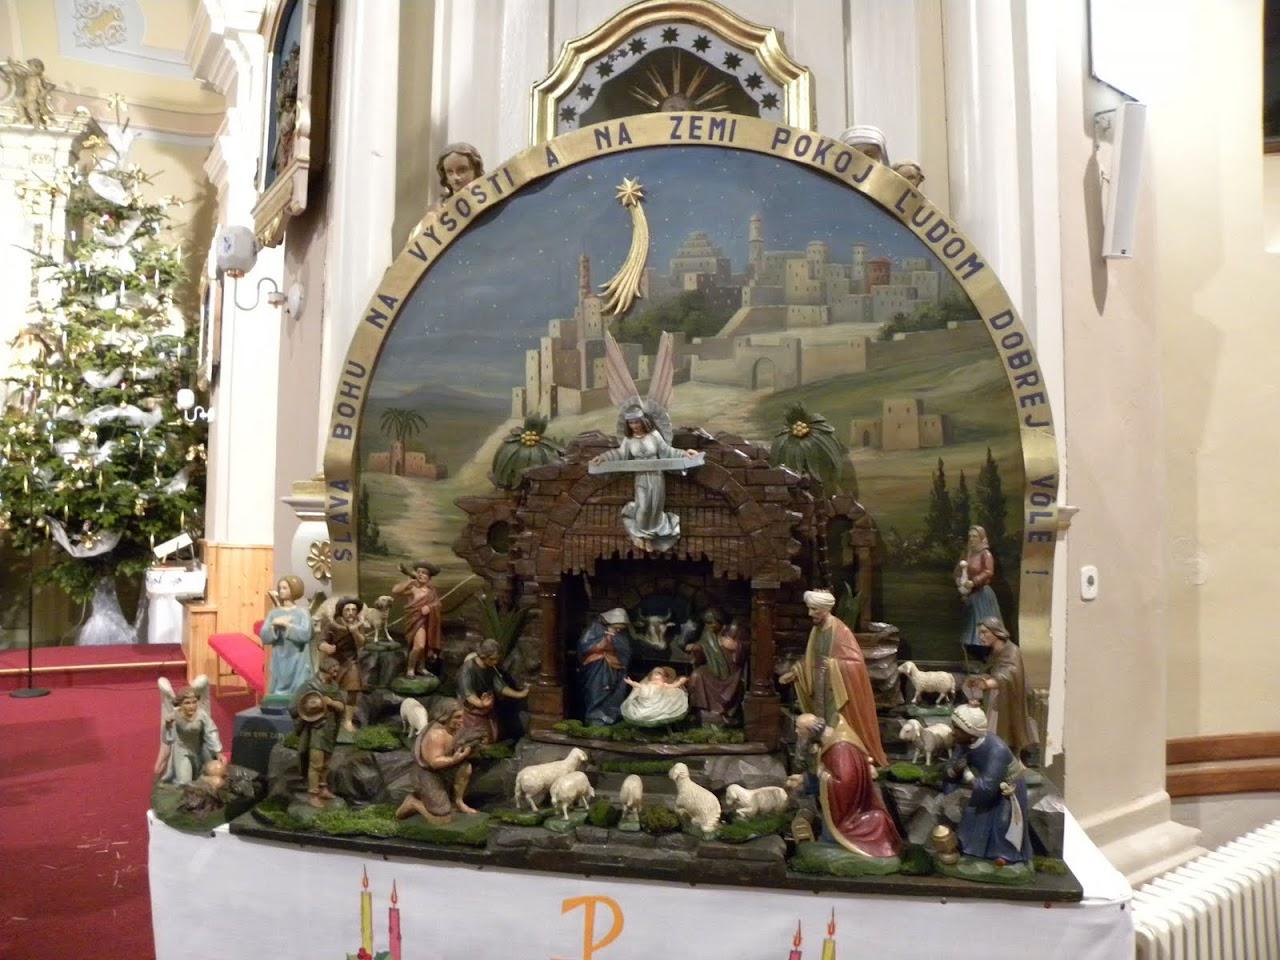 Vianoce - fotky 185.jpg